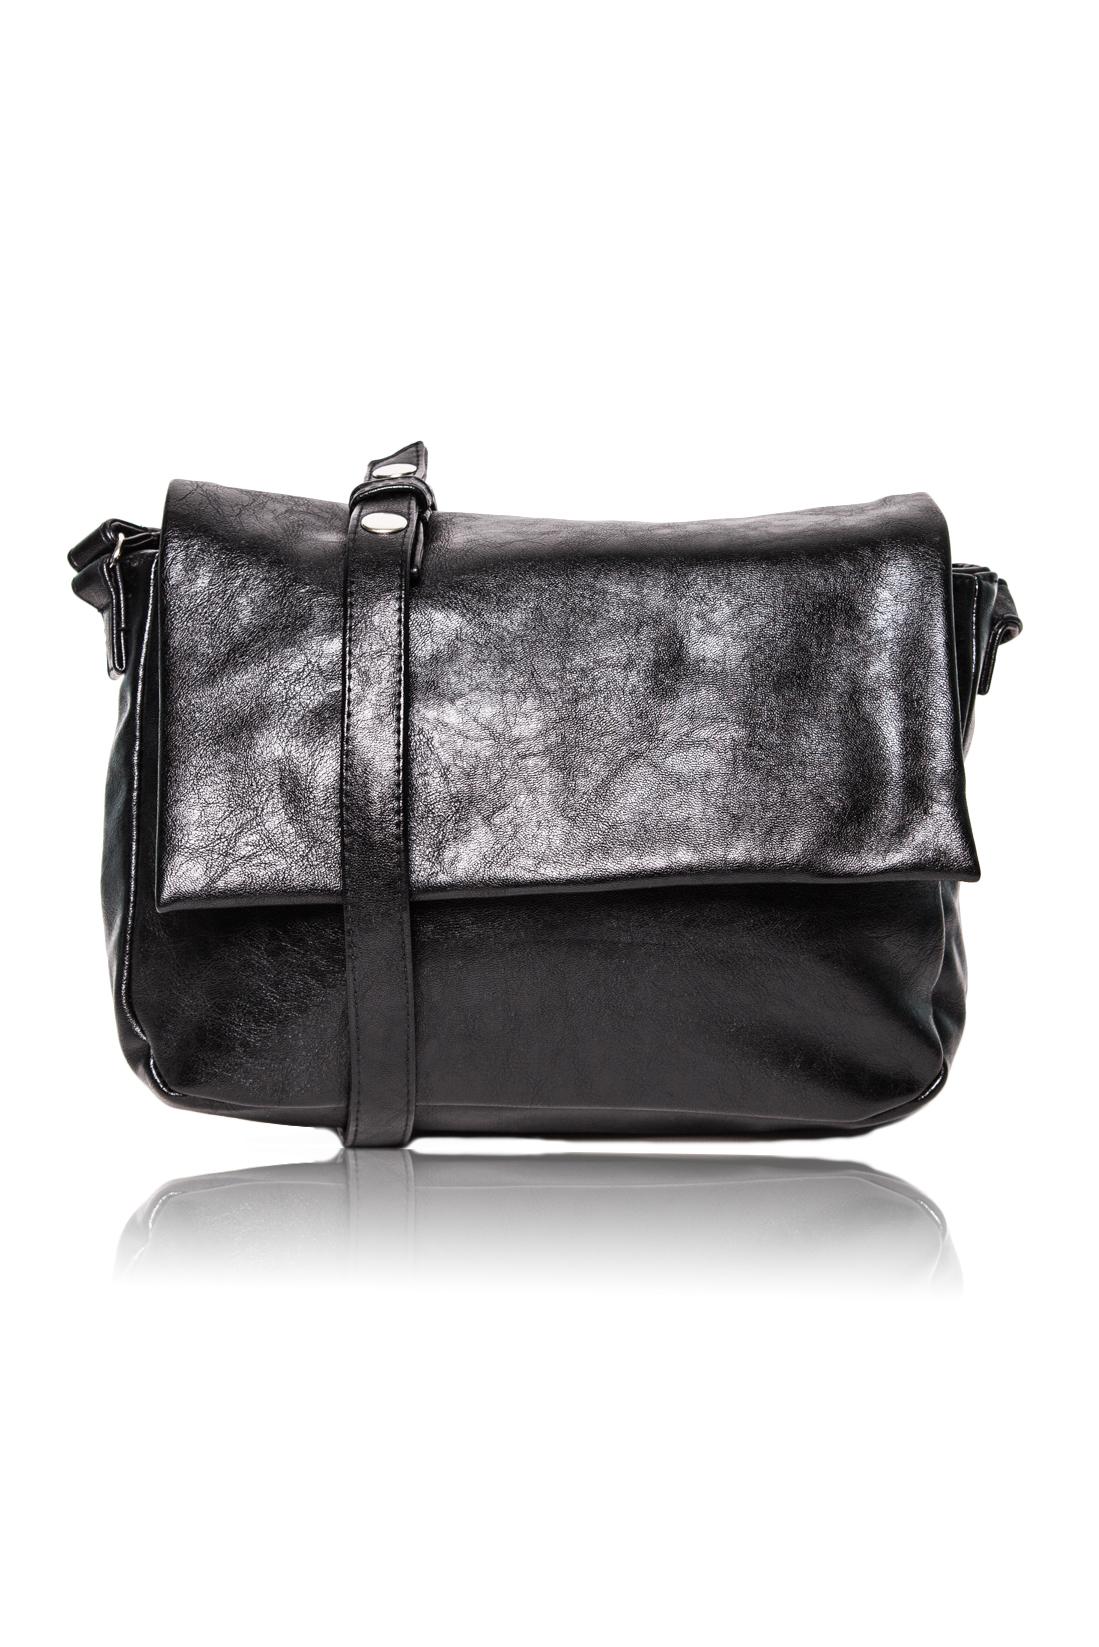 СумкаКлассические<br>Женские сумки бренда DINESSI - это стильные аксессуары, которые по достоинству оценят представительницы прекрасного пола.  Сумка с откидным клапаном и застежкой на молнию и магнит. В клапане и на задней части сумки карманы на молнии. Внутри два накладных кармана и карман на молнии. Длинная лямка с регулировкой на кнопках.   Цвет: черный.  Размеры: Длина - 31 ± 1 см Высота - 22 ± 1 см Глубина - 11 ± 1 см<br><br>Отделения: 2 отделения<br>По материалу: Искусственная кожа<br>По рисунку: Однотонные<br>По способу ношения: В руках,На плечо,Через плечо<br>По степени жесткости: Мягкие<br>По типу застежки: На магните,С застежкой молнией<br>По элементам: Карман на молнии,Карман под телефон<br>Ручки: Длинные<br>По форме: Прямоугольные<br>По размеру: Средние<br>Размер : UNI<br>Материал: Искусственная кожа<br>Количество в наличии: 1